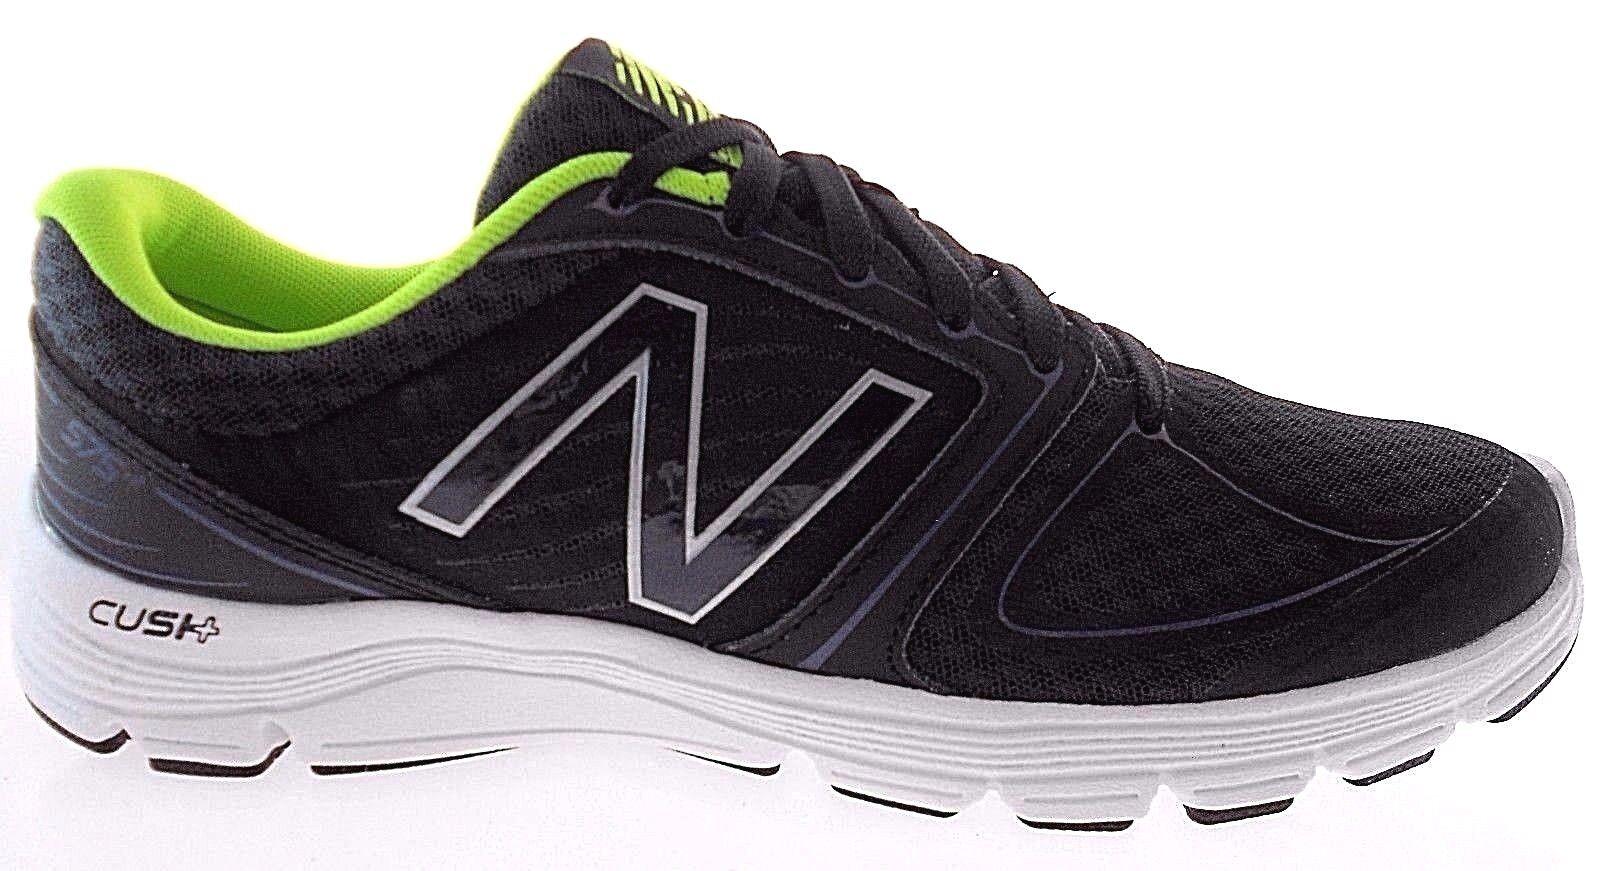 New Cush Balance m575lbhombres negro / verde Cush New   corriendo zapatos 35ec7a